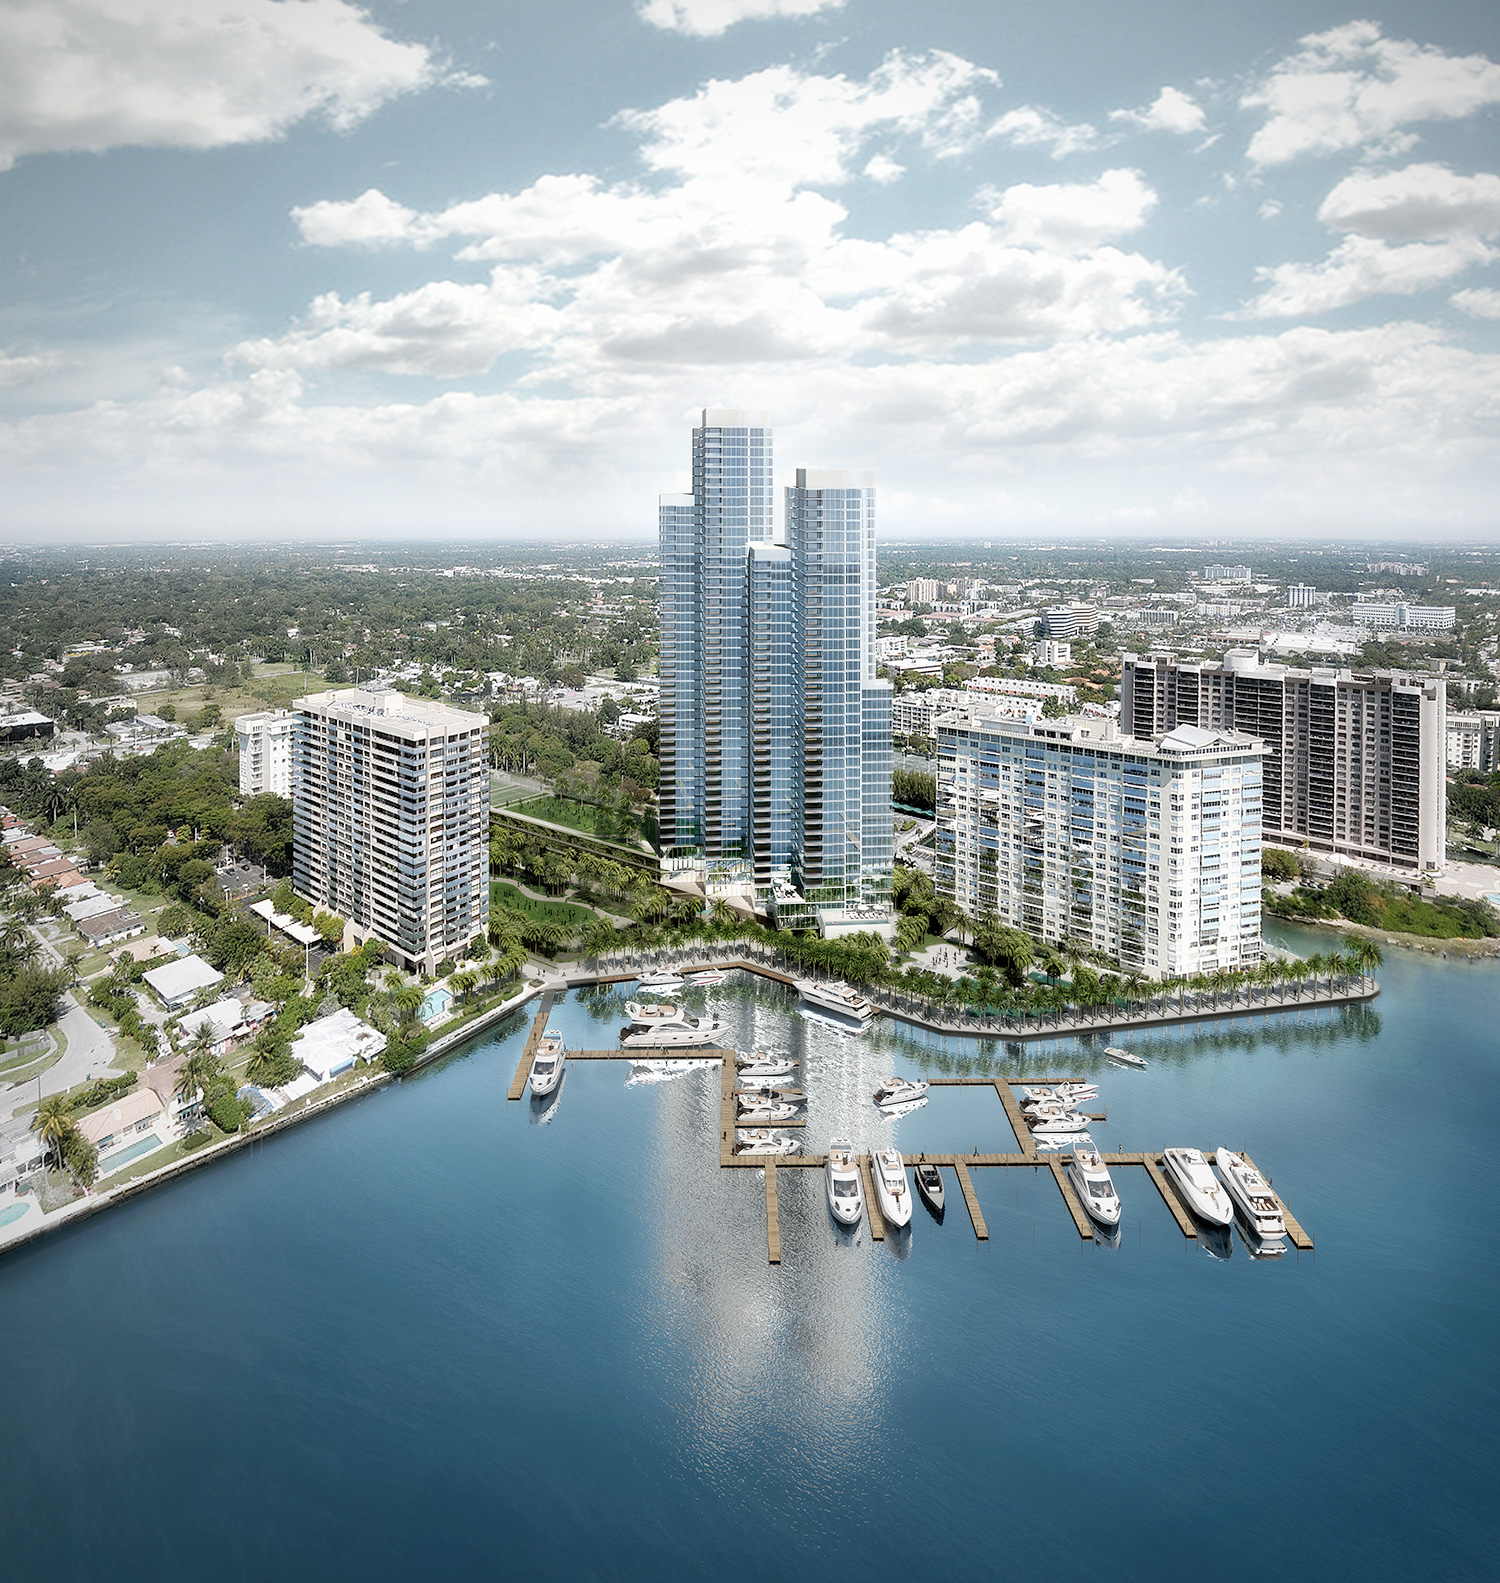 Apeiron Towers | Rafael Moneo | Miami, USA